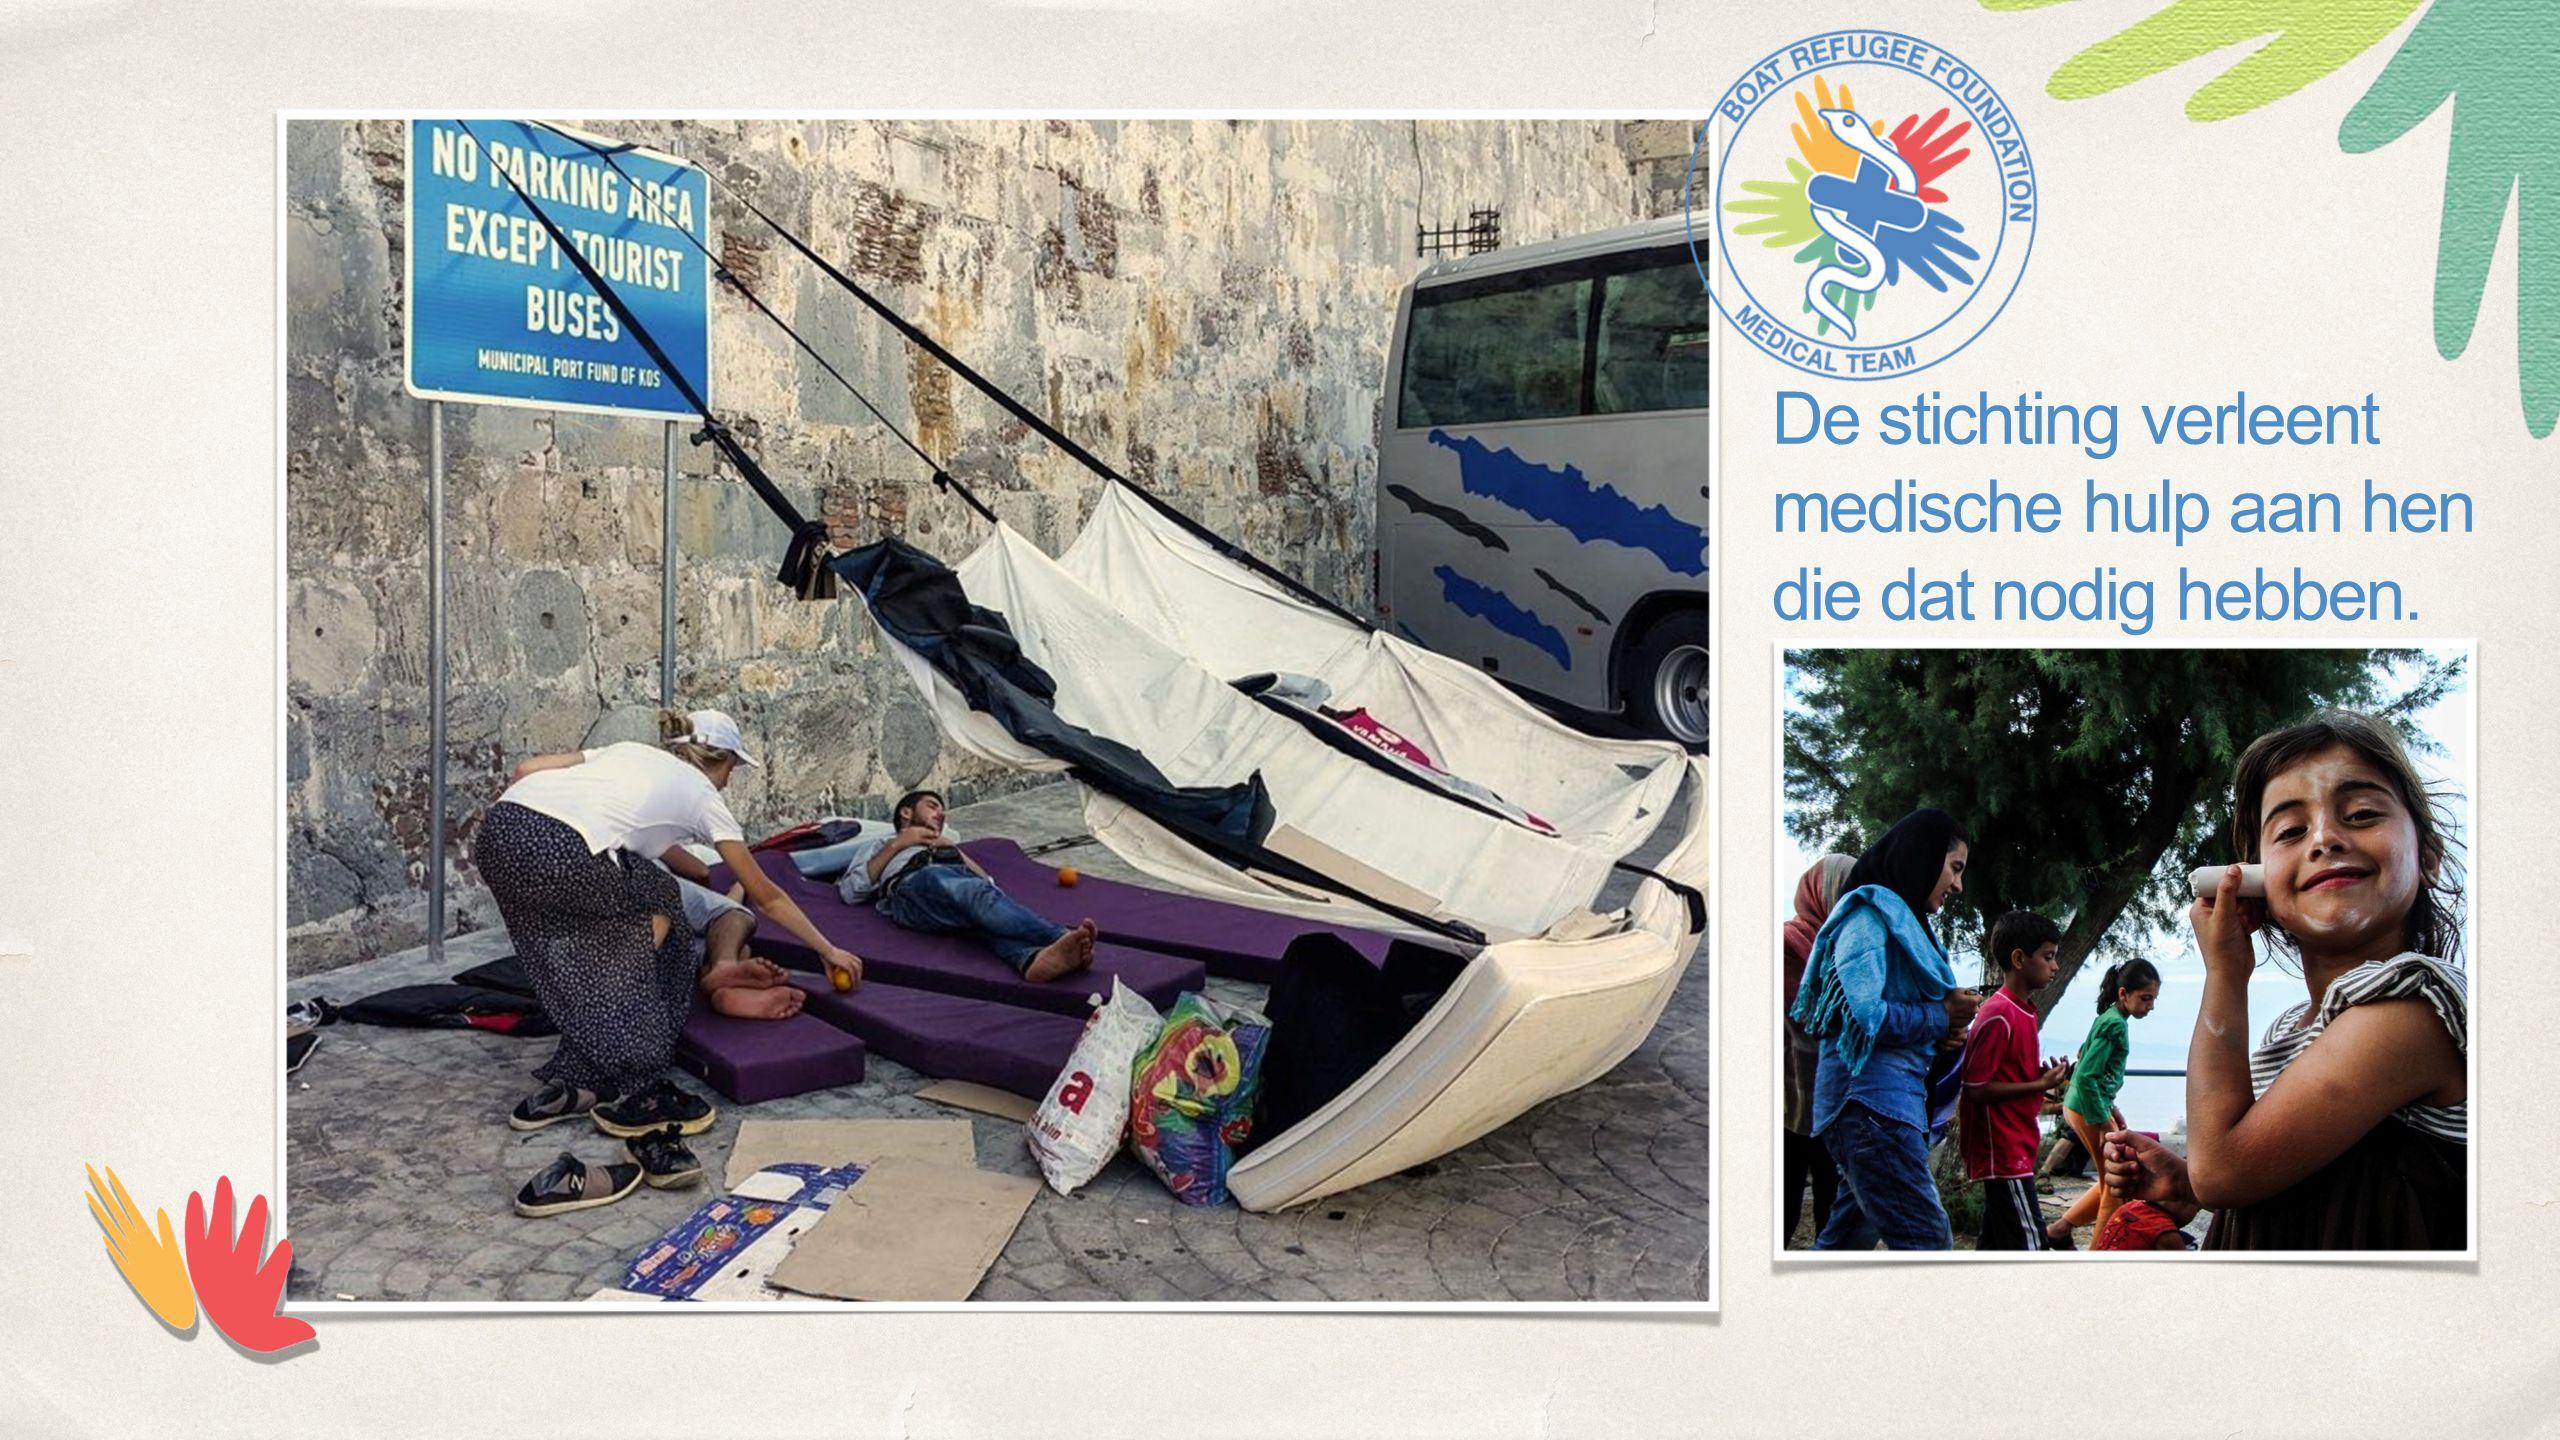 De stichting verleent medische hulp aan hen die dat nodig hebben.